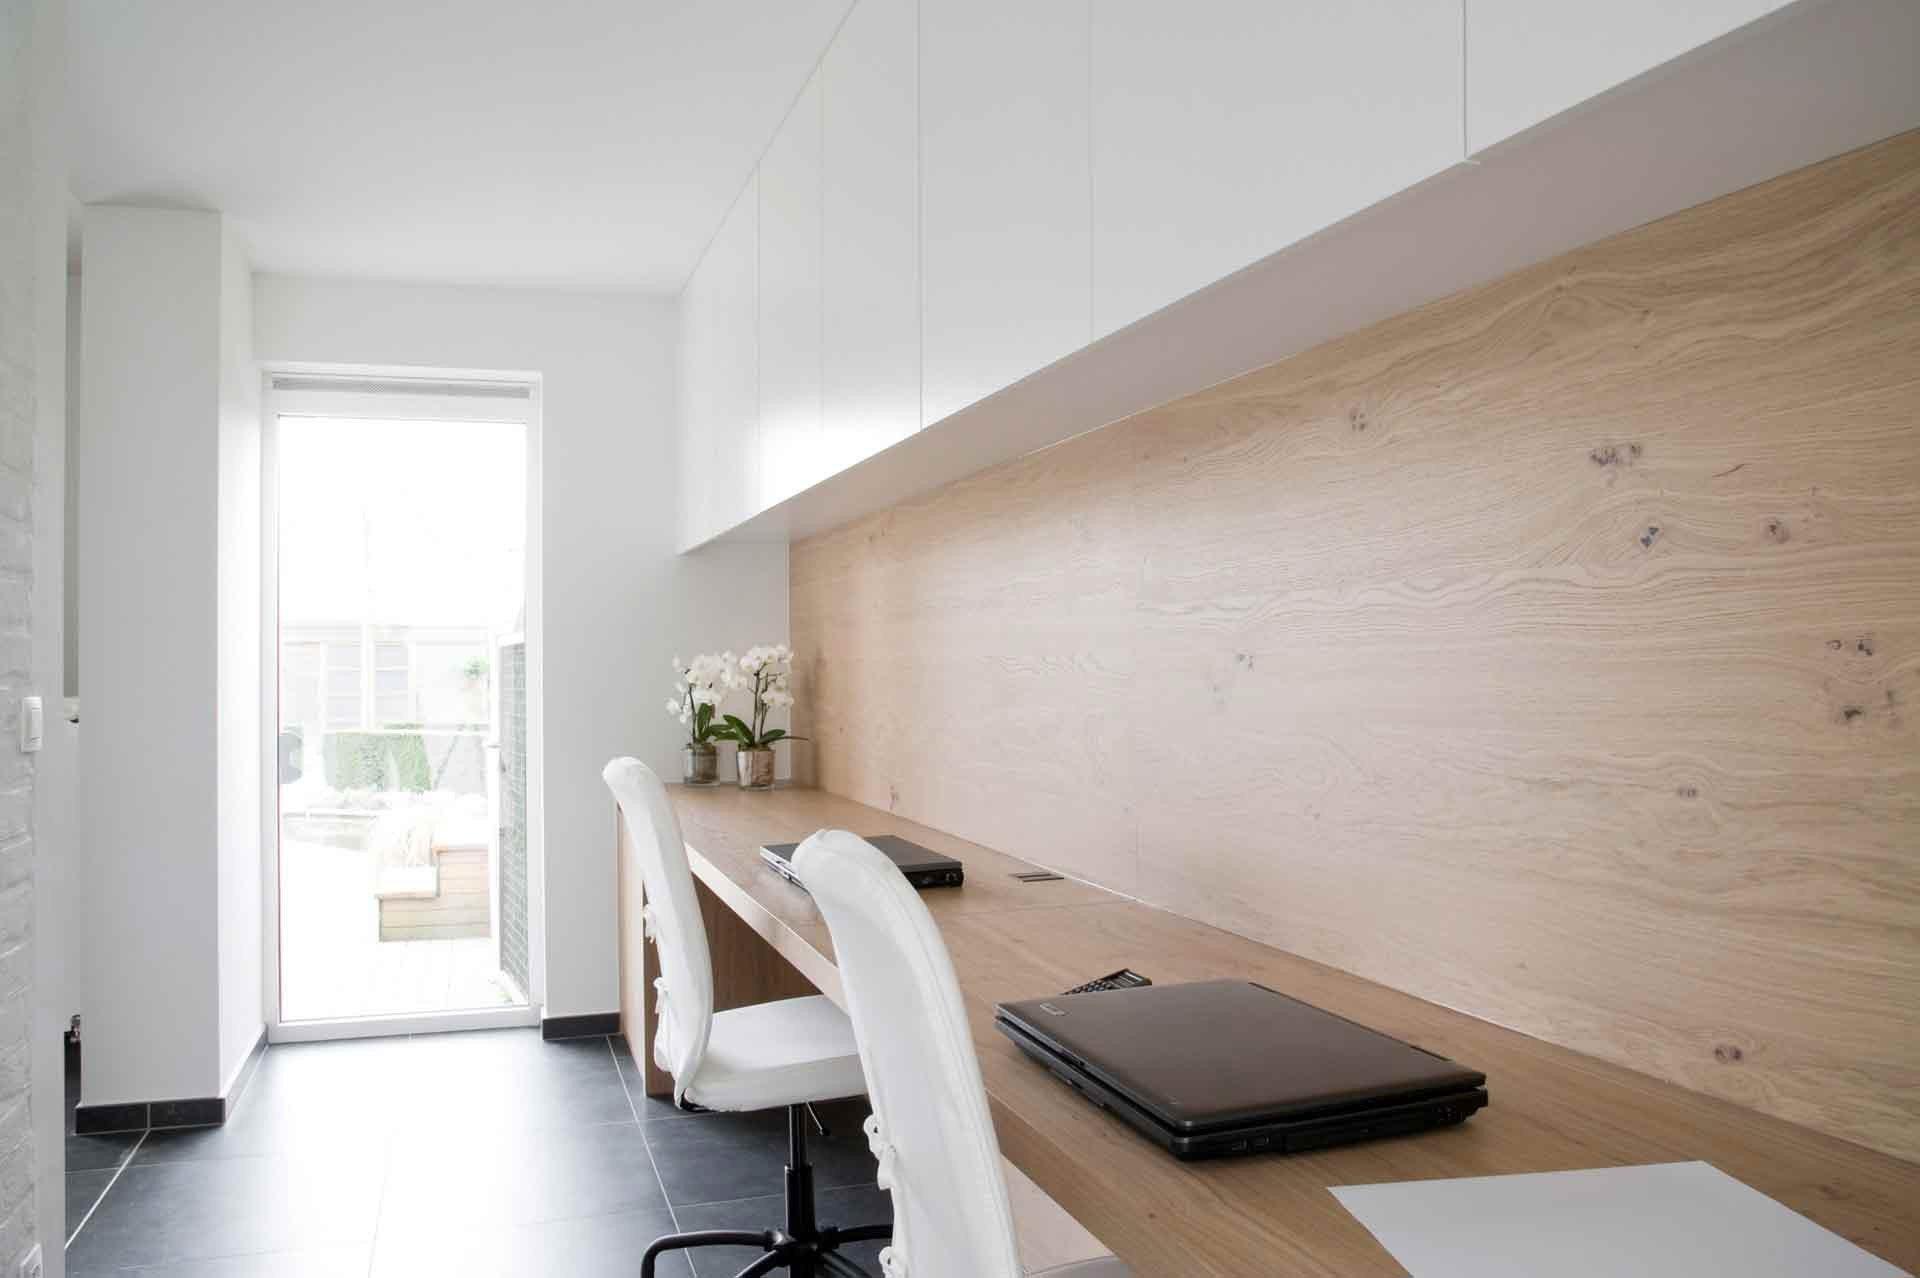 Totaalrichting-keuken-bureau-tvmeubel-MariaAalter-5.jpg